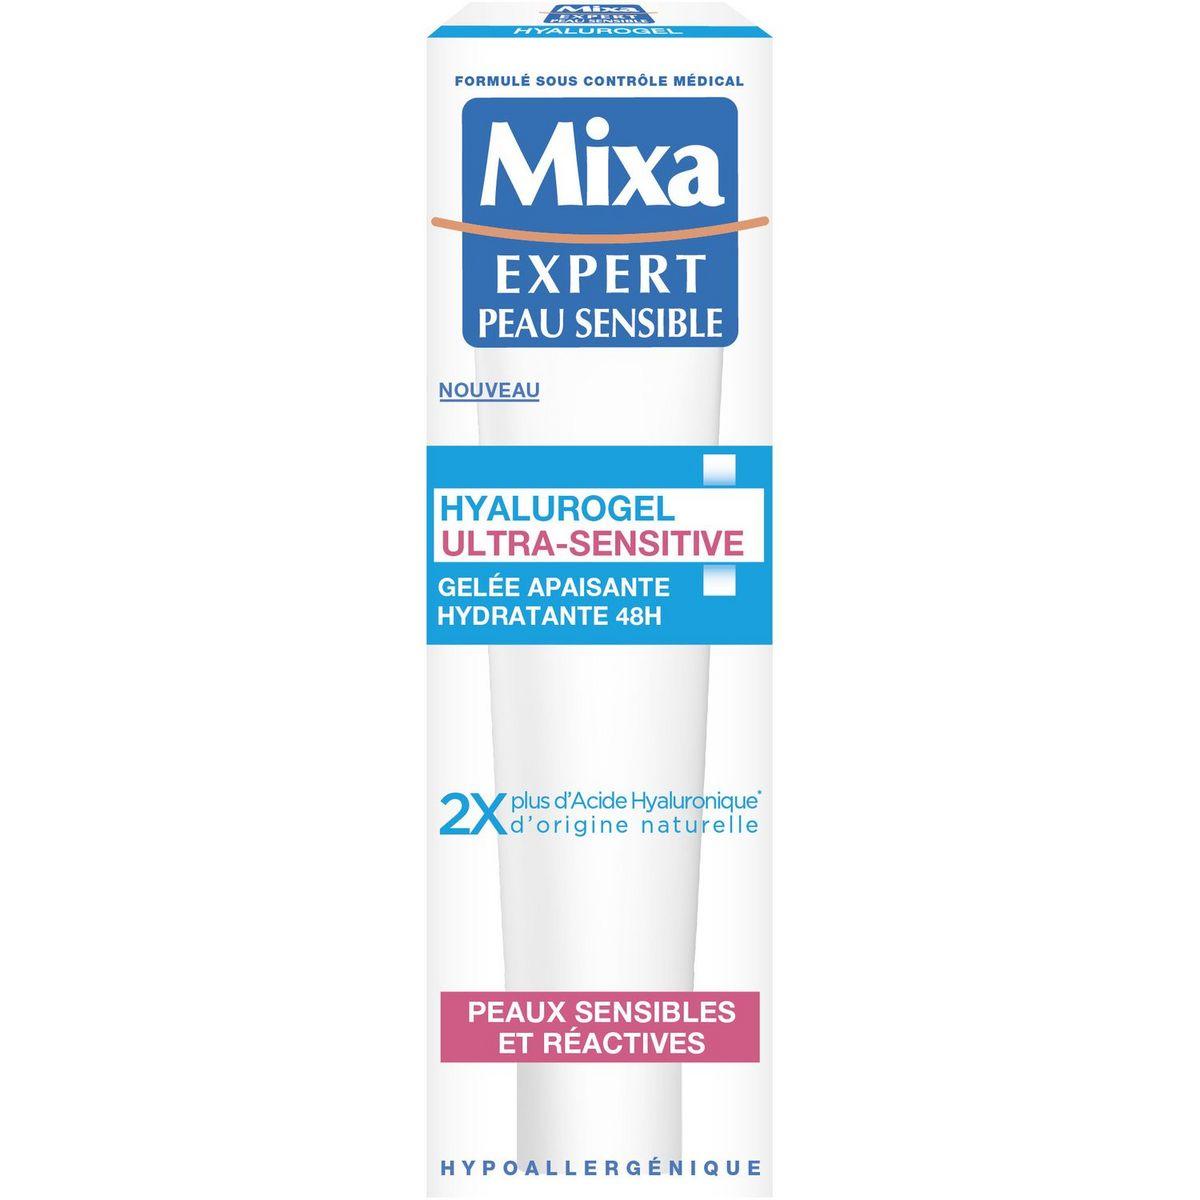 Mixa Gelée apaisante hydratante hyalurogel peaux sensibles, réactives 40ml